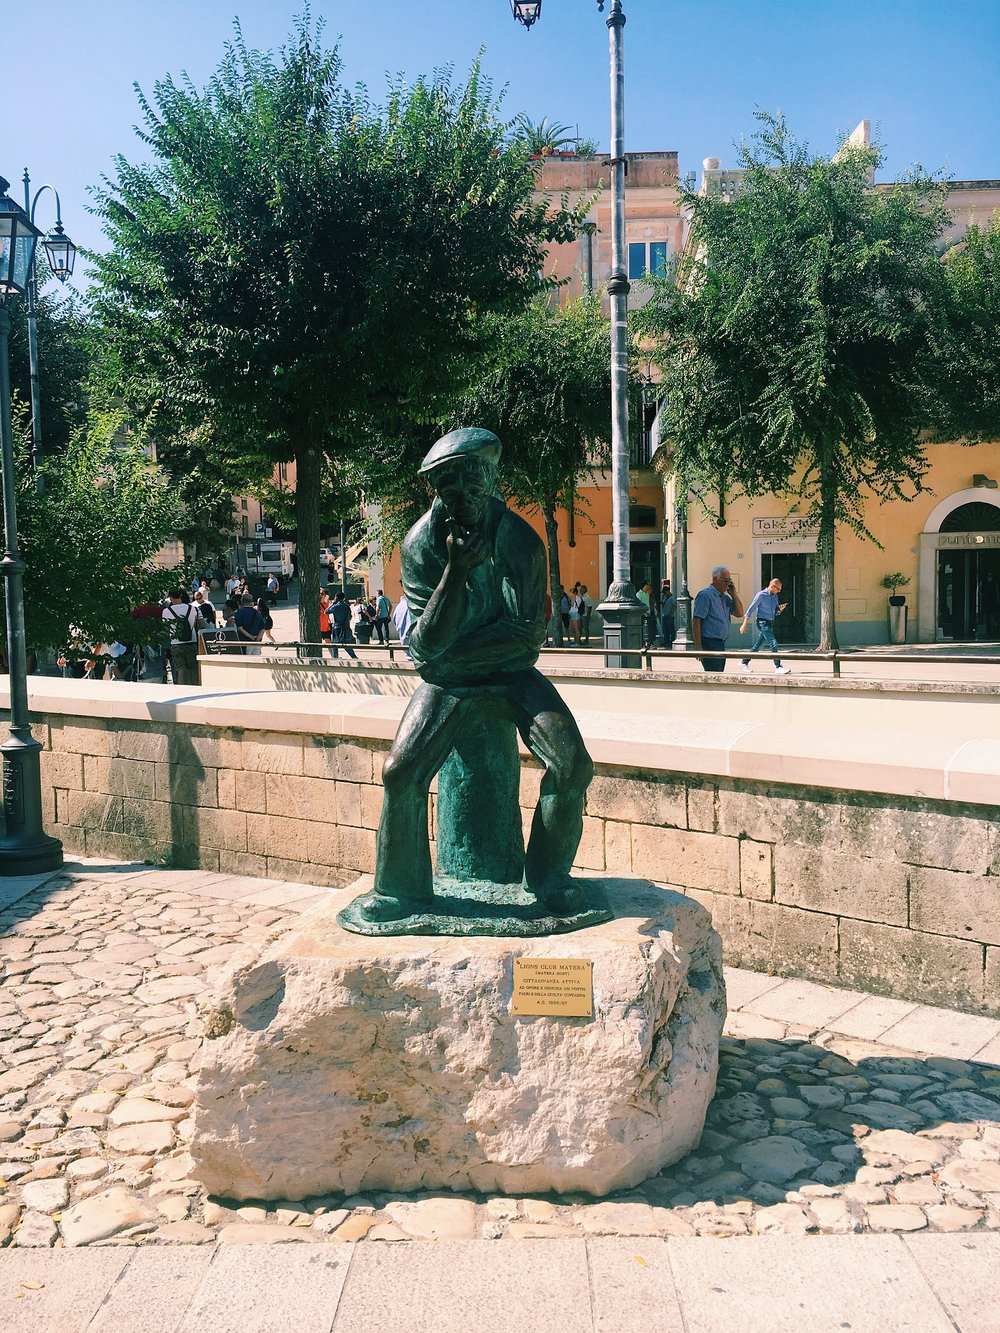 Matter City Basilicata